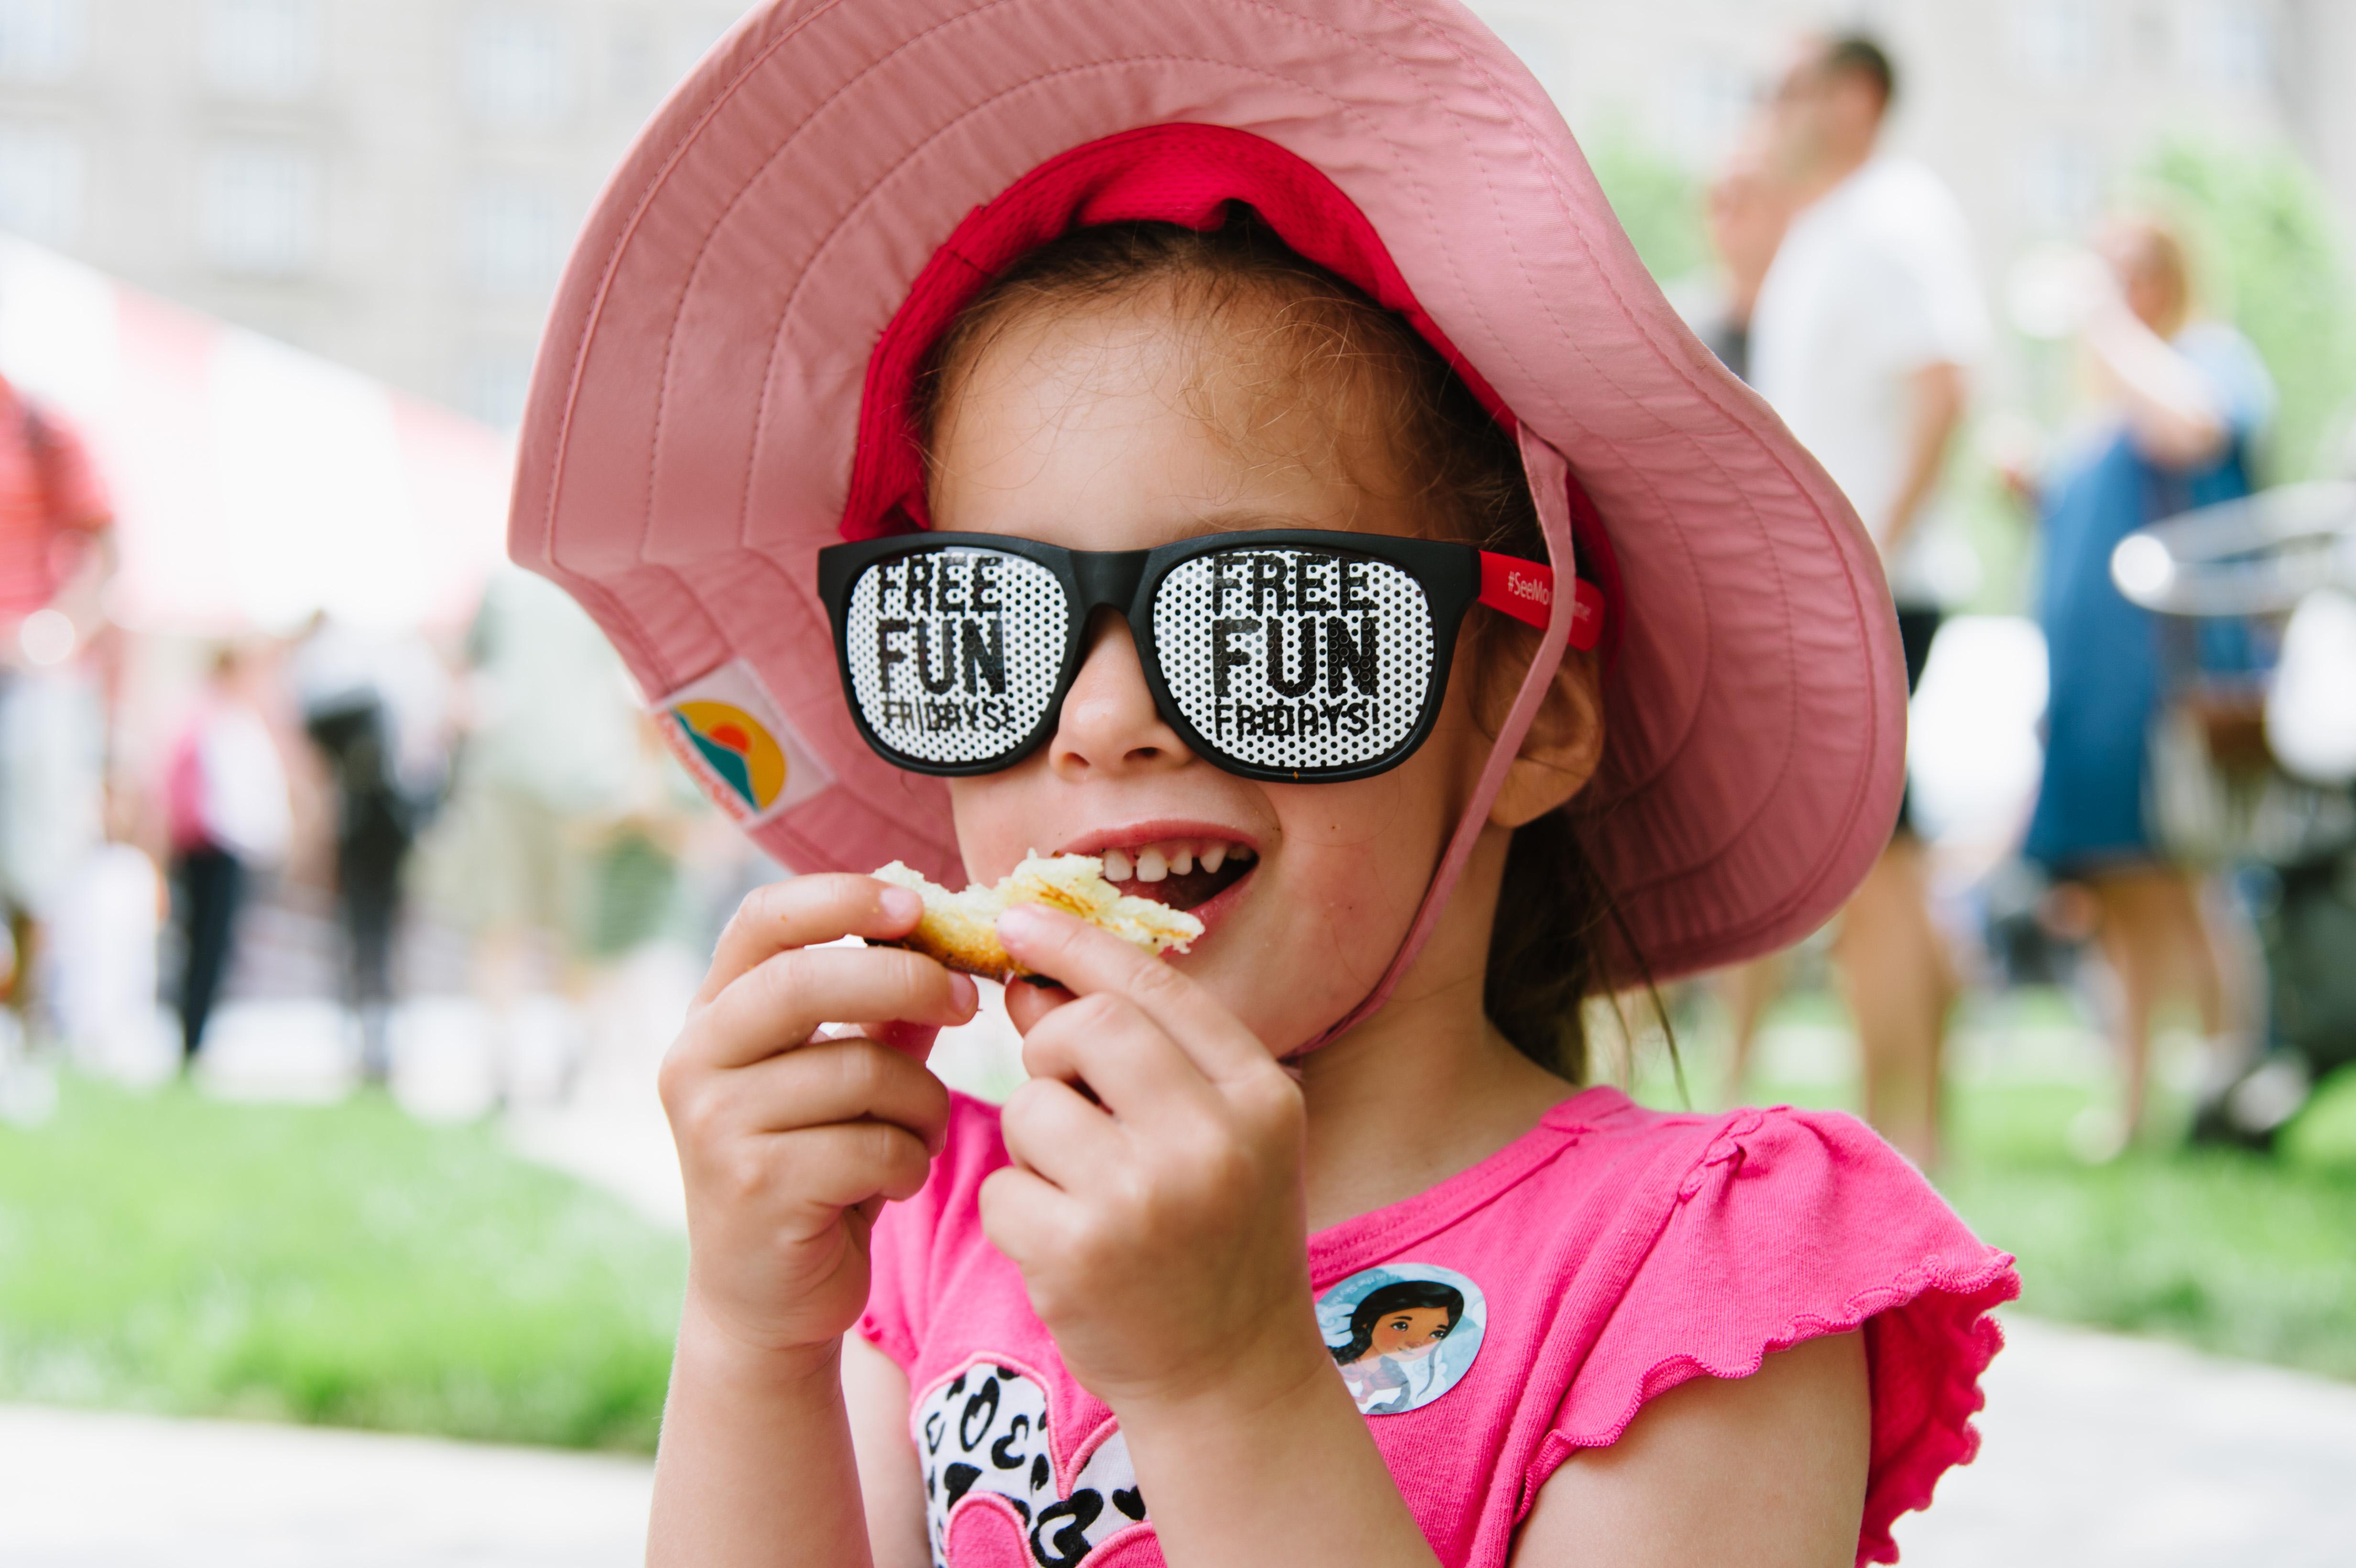 """Cada año desde 2009, la Highland Foundation ha auspiciado la popular serie """"Free Fun Fridays"""", que ofrece entrada gratuita a decenas de atracciones culturales de Massachusetts"""